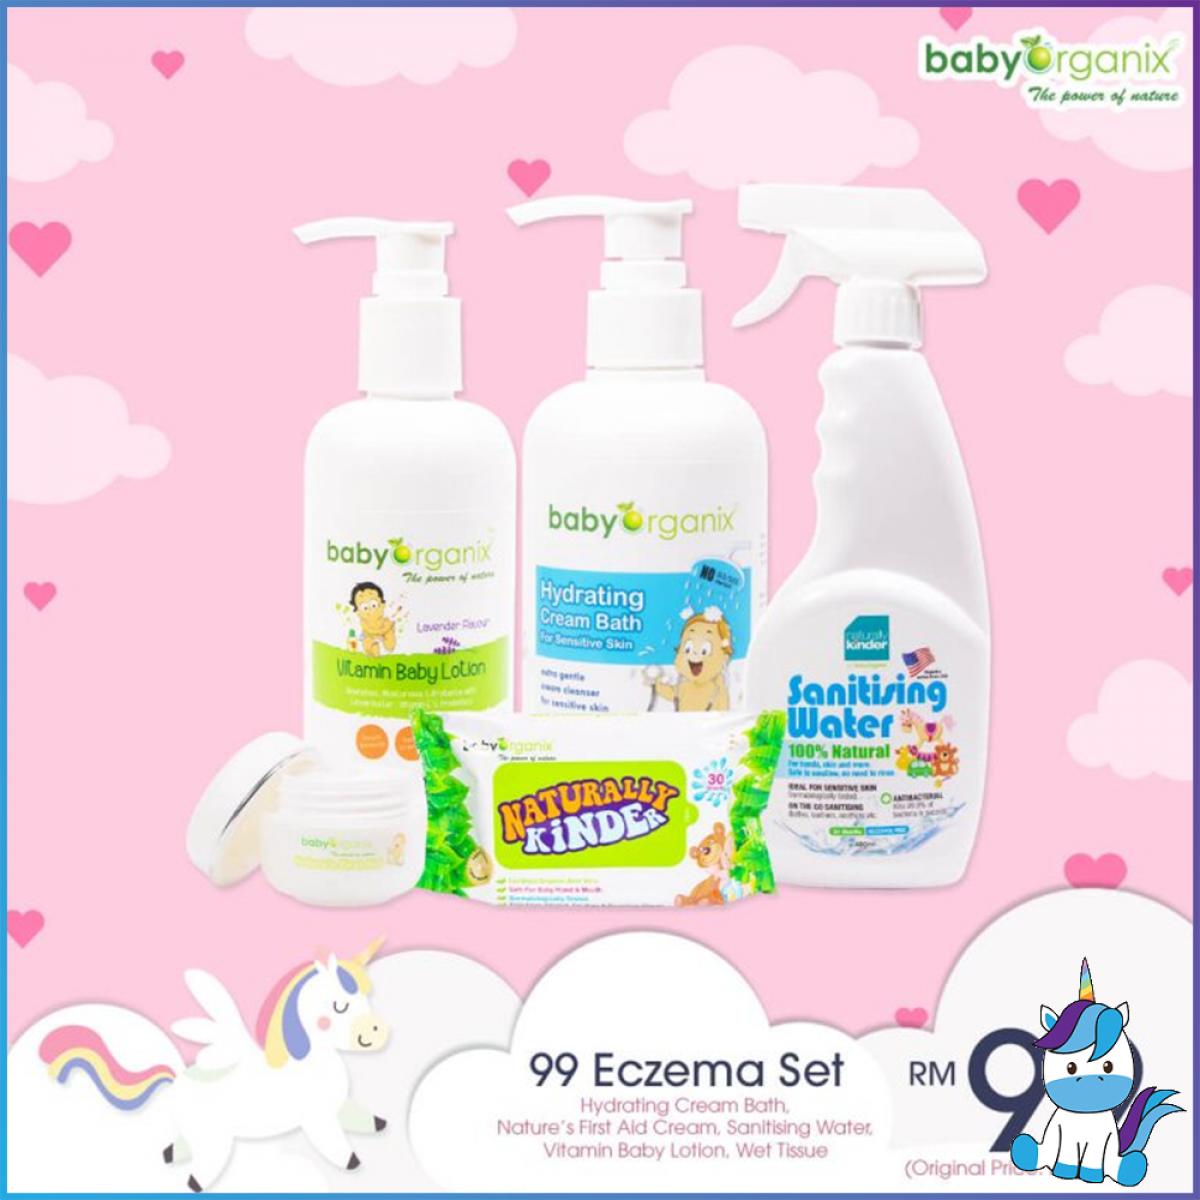 Baby Organix 99 Eczema Set